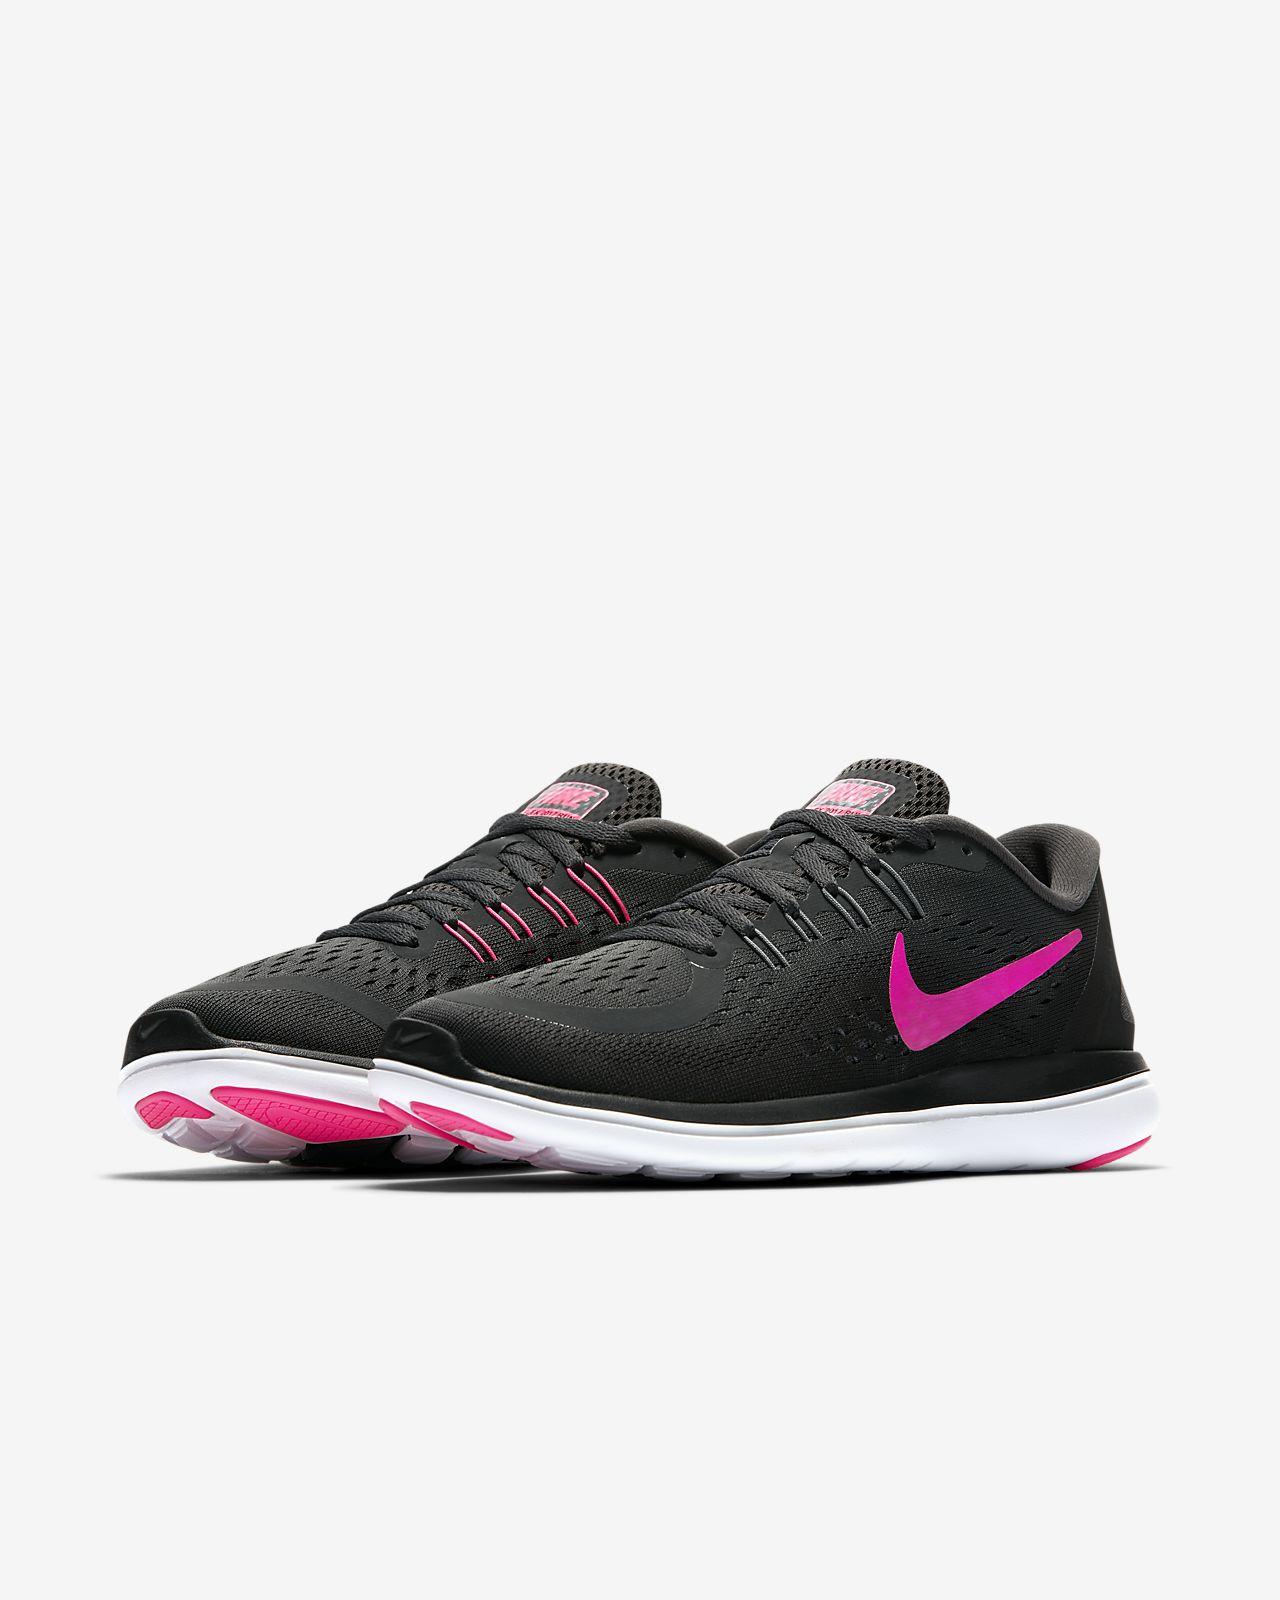 visite à vendre sites de sortie Nike Femmes Run Flex Chaussures De Course - Photo En Noir / Rose réel pas cher pas cher Finishline offre pas cher mUpVPZIbiI